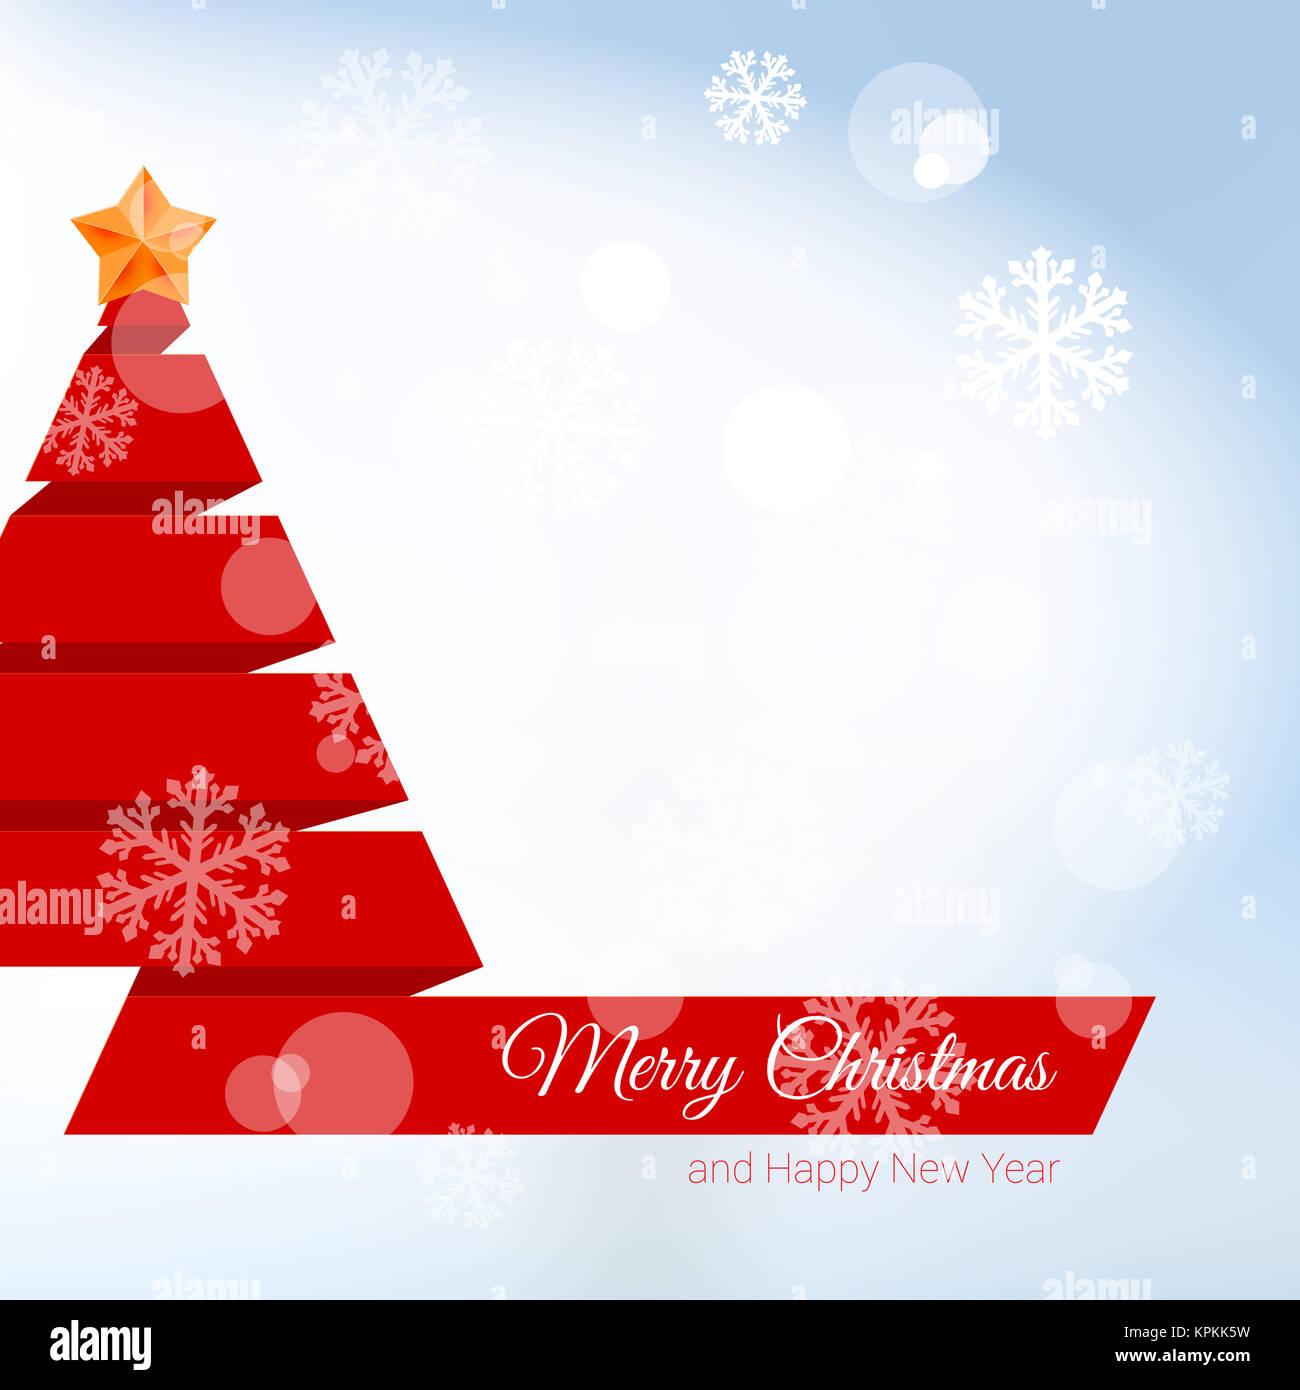 Stella Albero Di Natale Luminosa.Albero Di Natale Fatto Di Nastro Rosso Con Stella Di Natale Sfondo